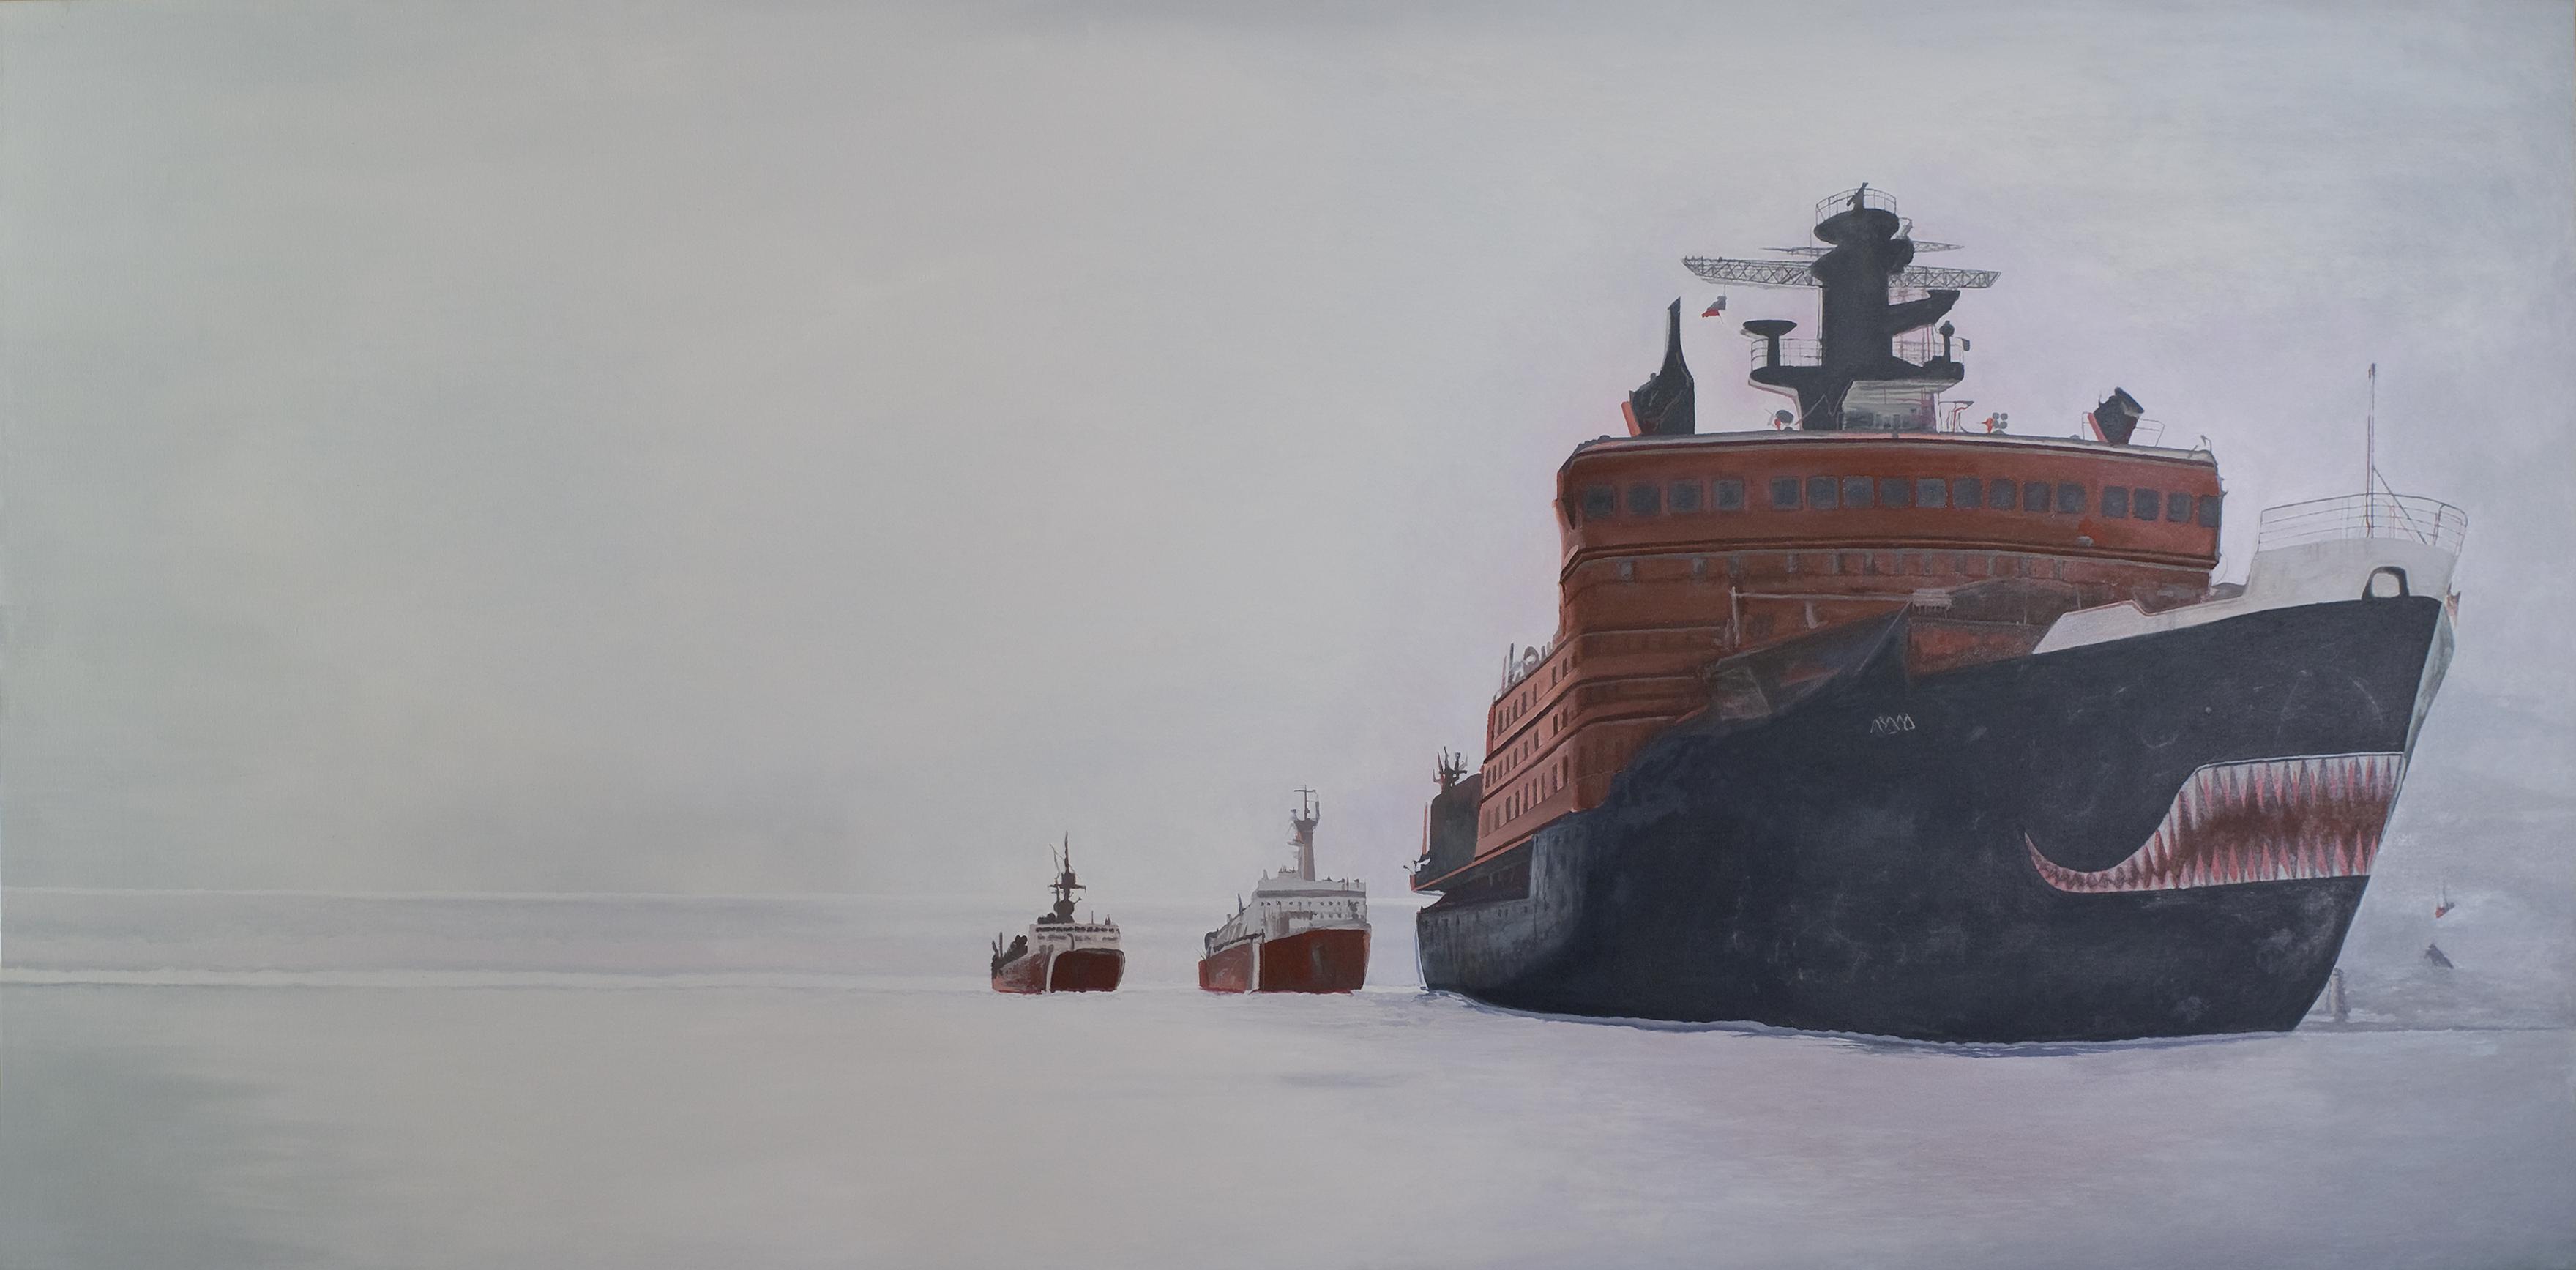 עותק של שוברת קרח רוסית בים הצפוני